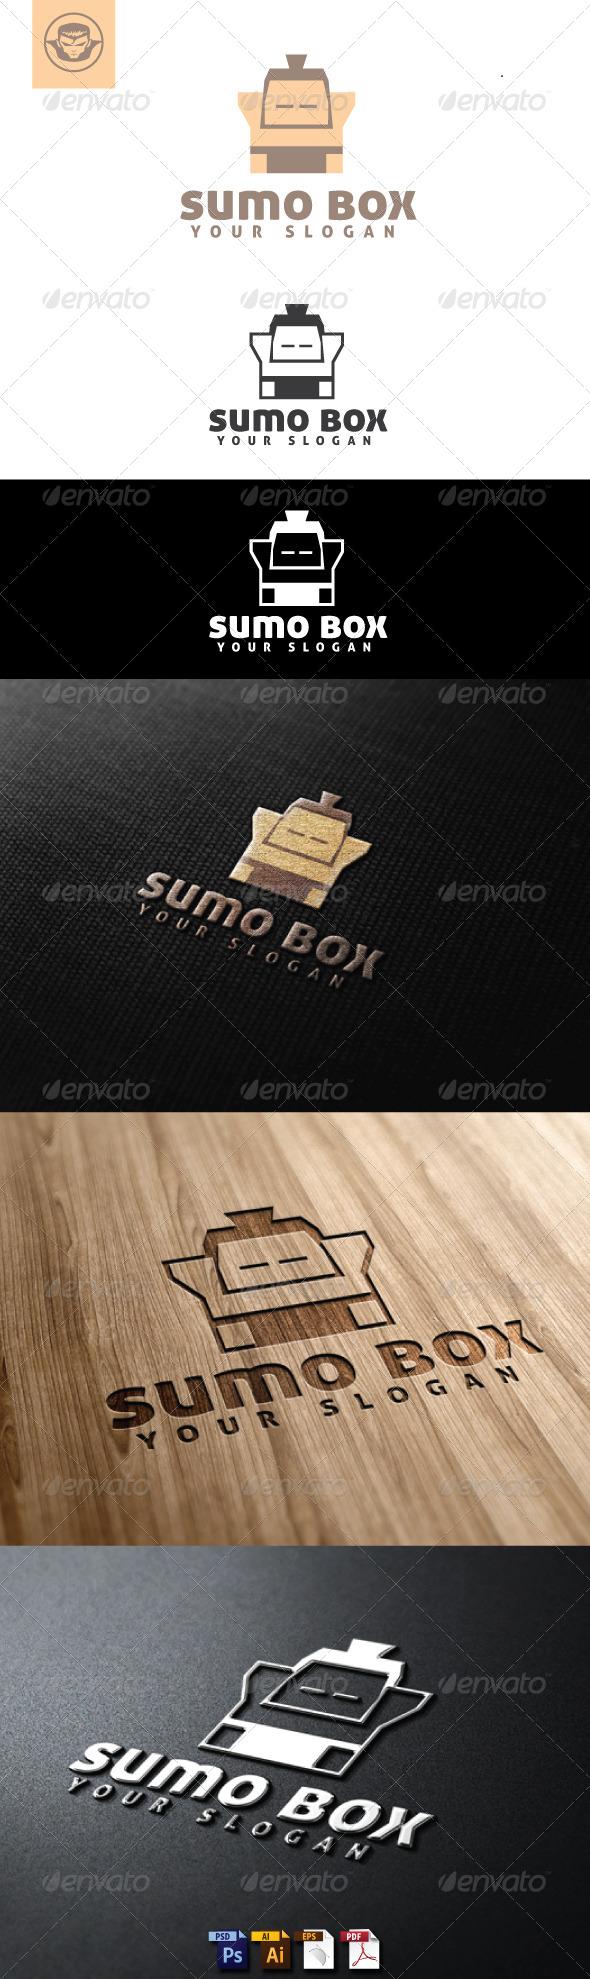 GraphicRiver Sumo Box Logo Template 4884836